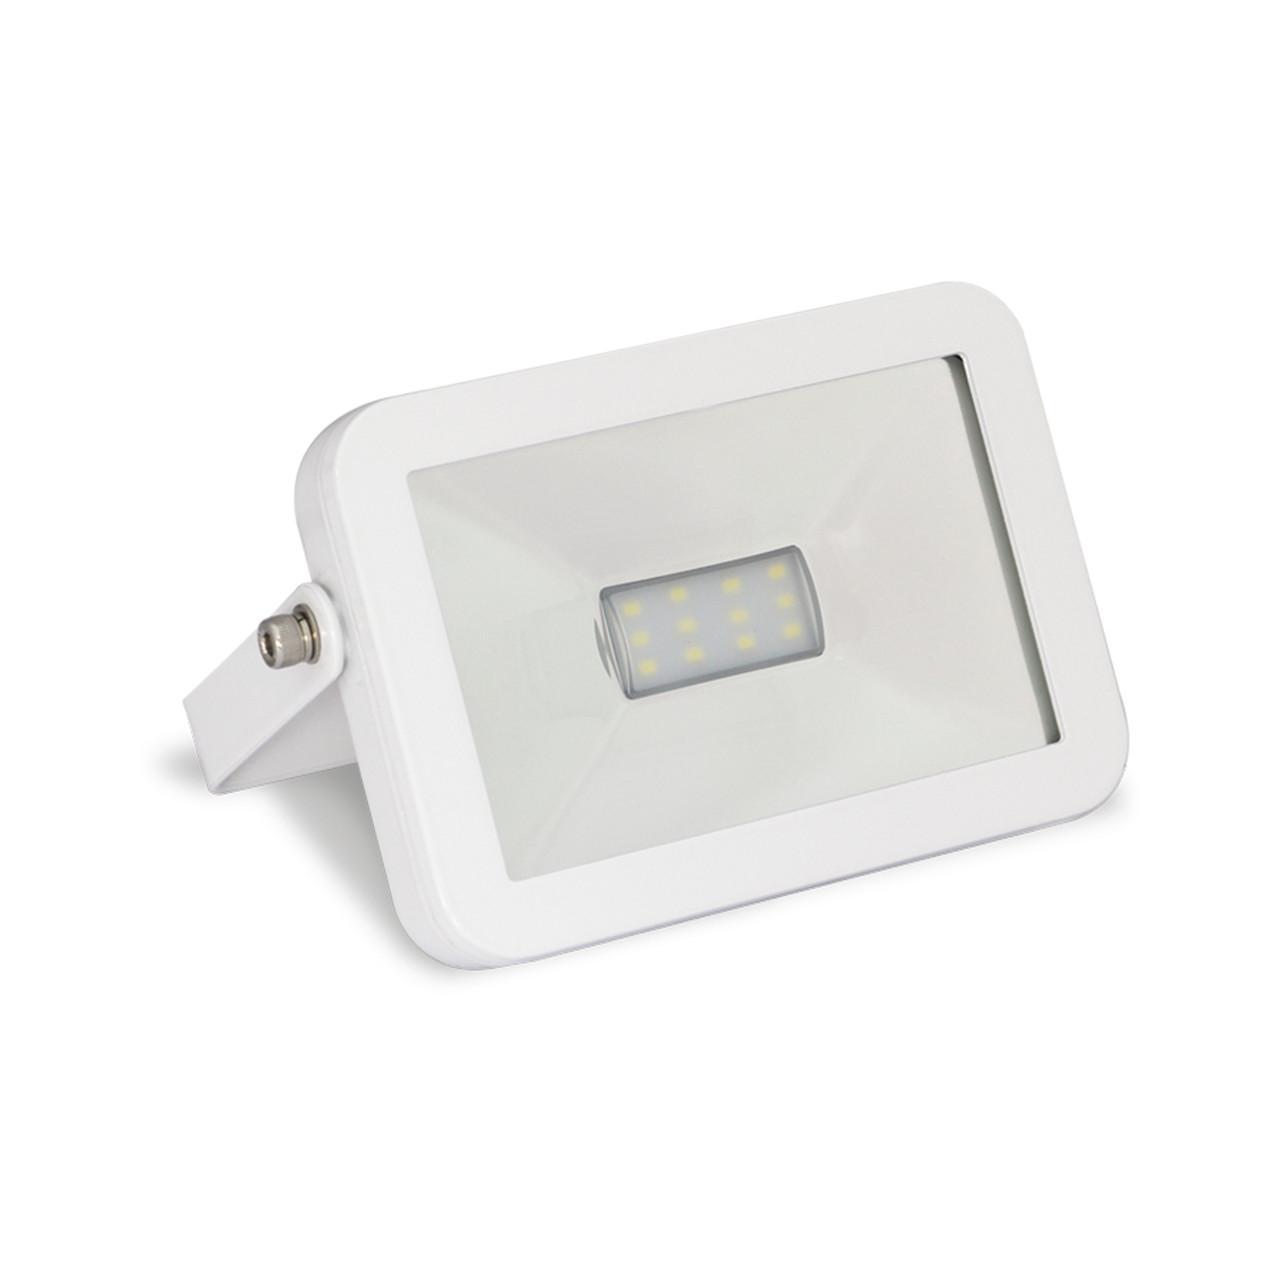 EUROELECTRIC LED Прожектор SMD белый 10W 6500K classic, фото 1